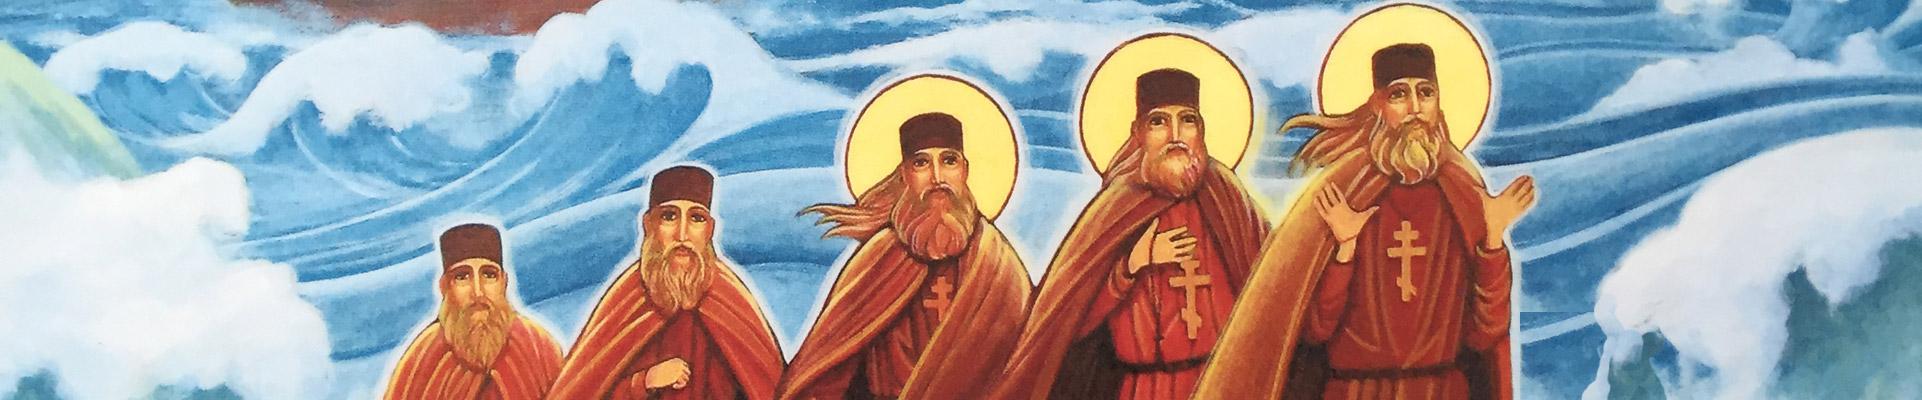 Orthodoxy in america st john the baptist greek orthodox church